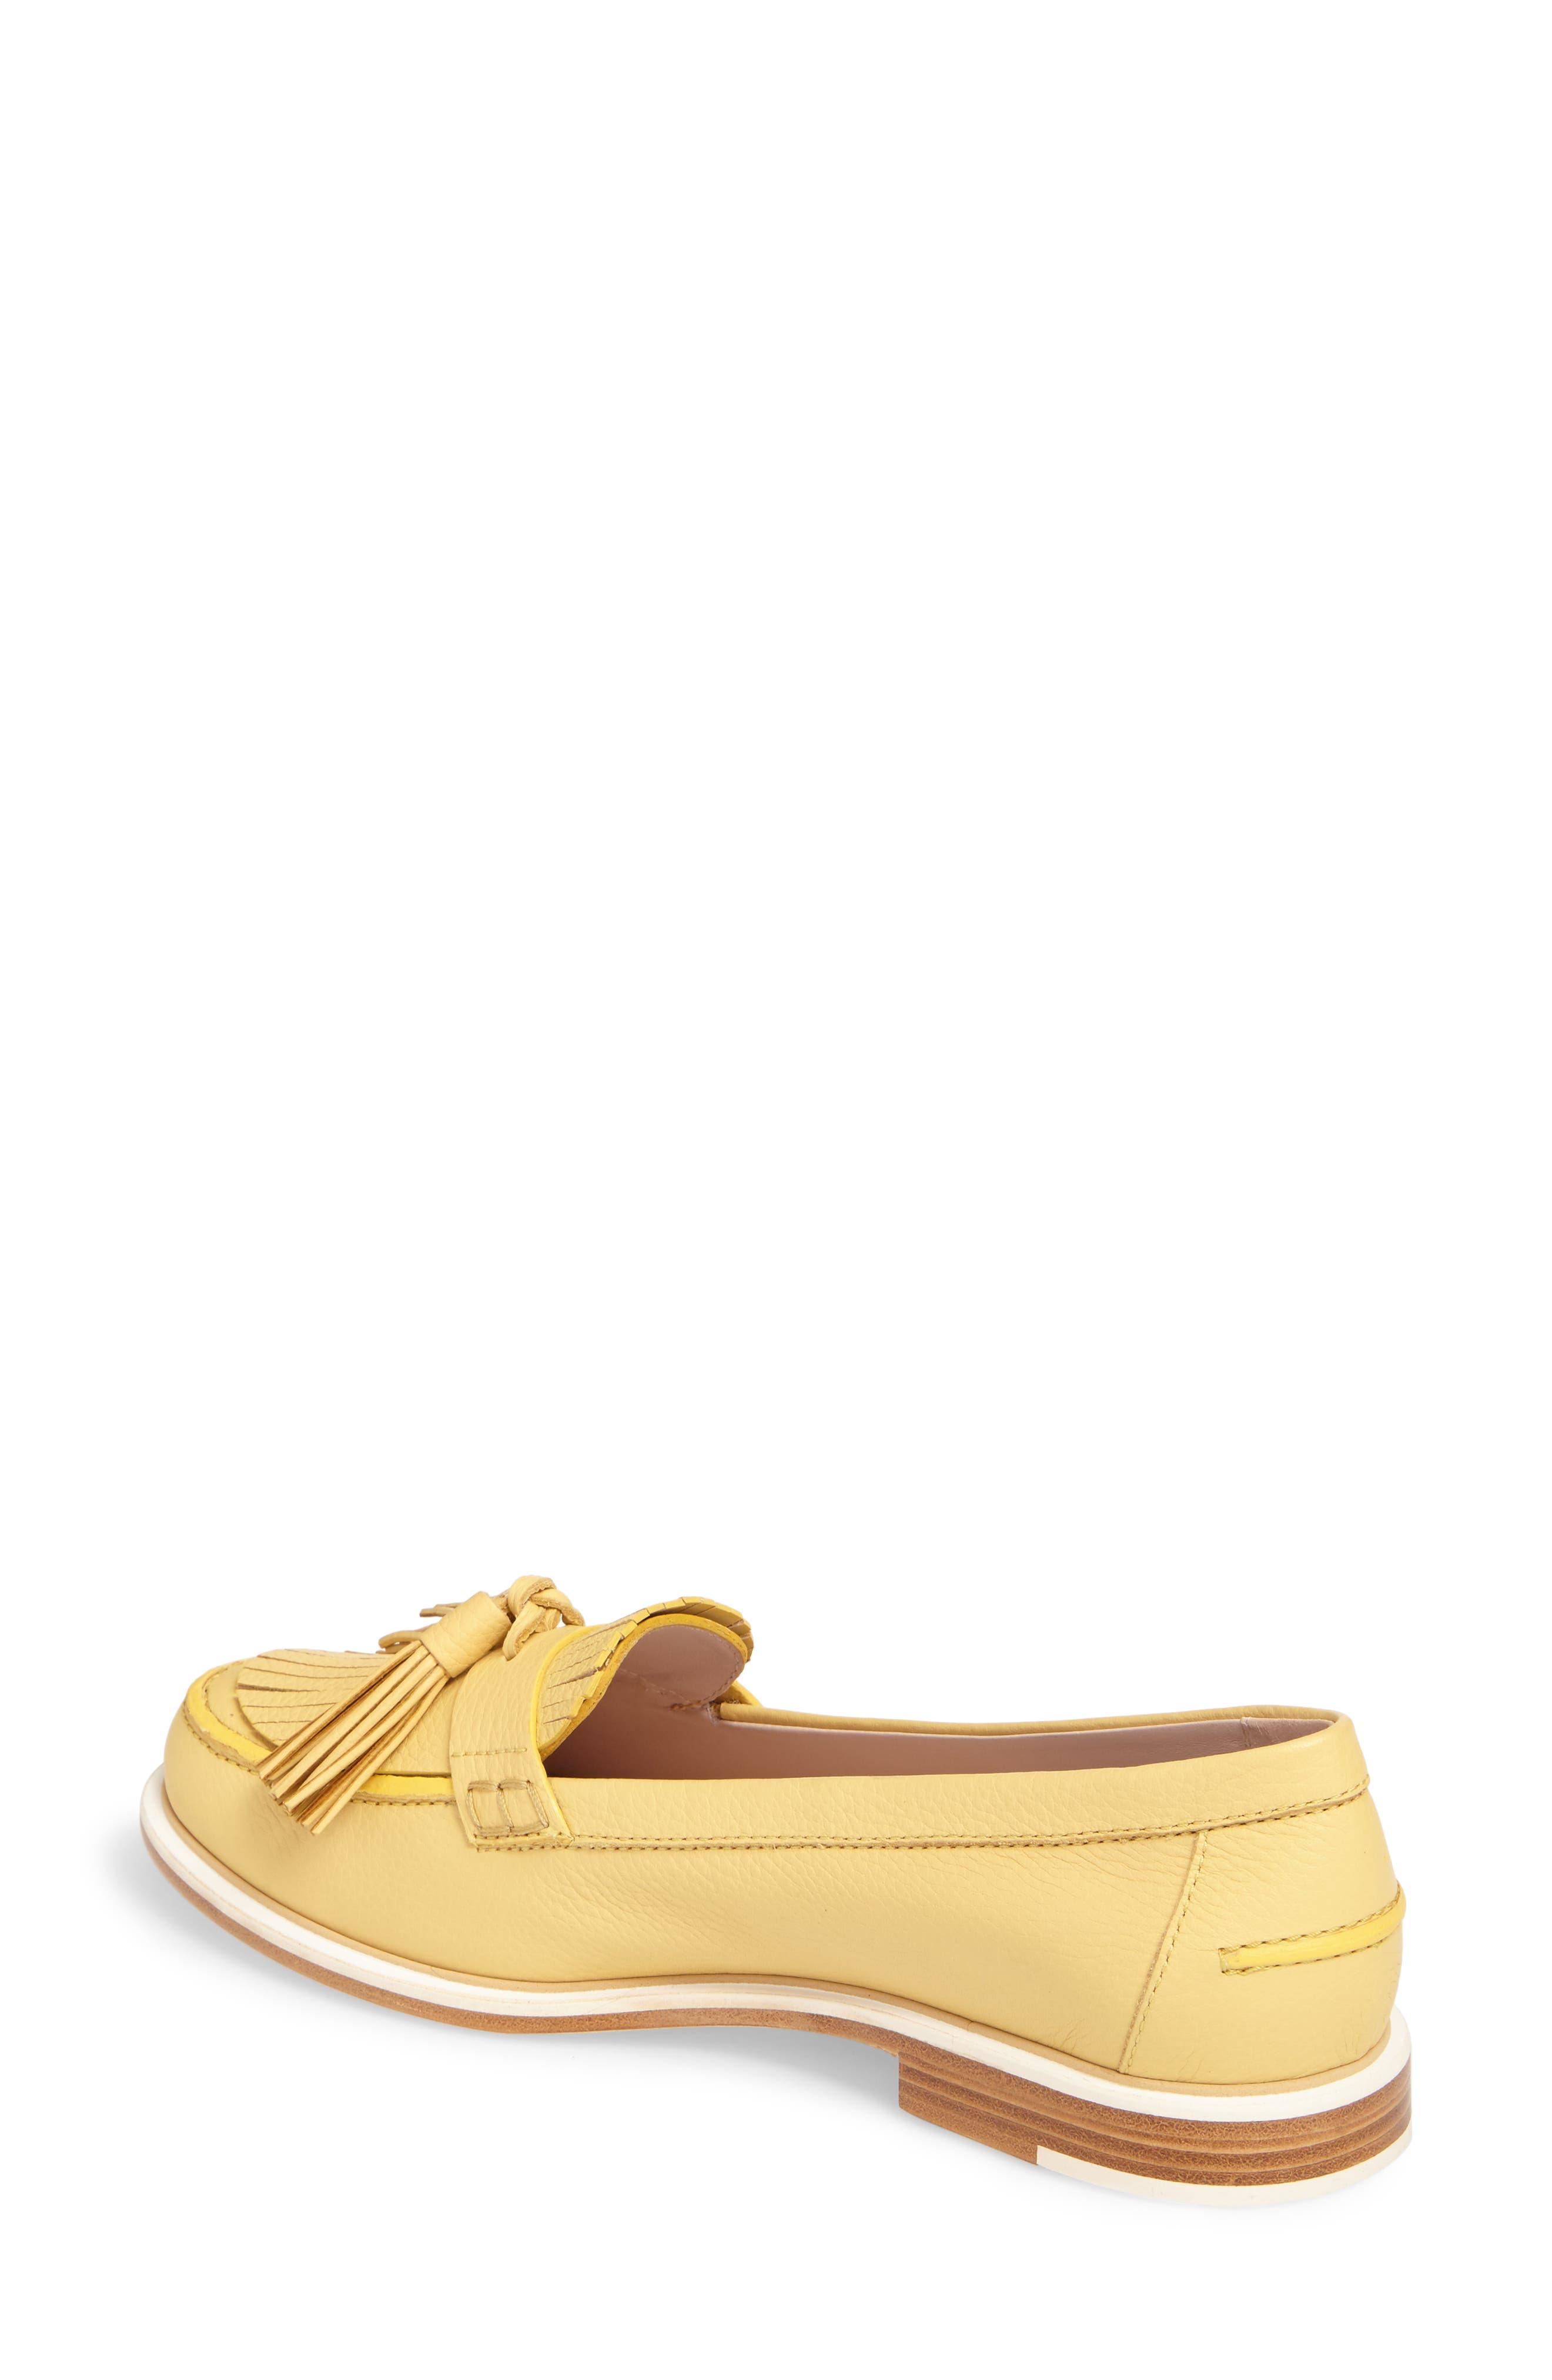 Fringe Tassel Loafer,                             Alternate thumbnail 2, color,                             Pale Yellow